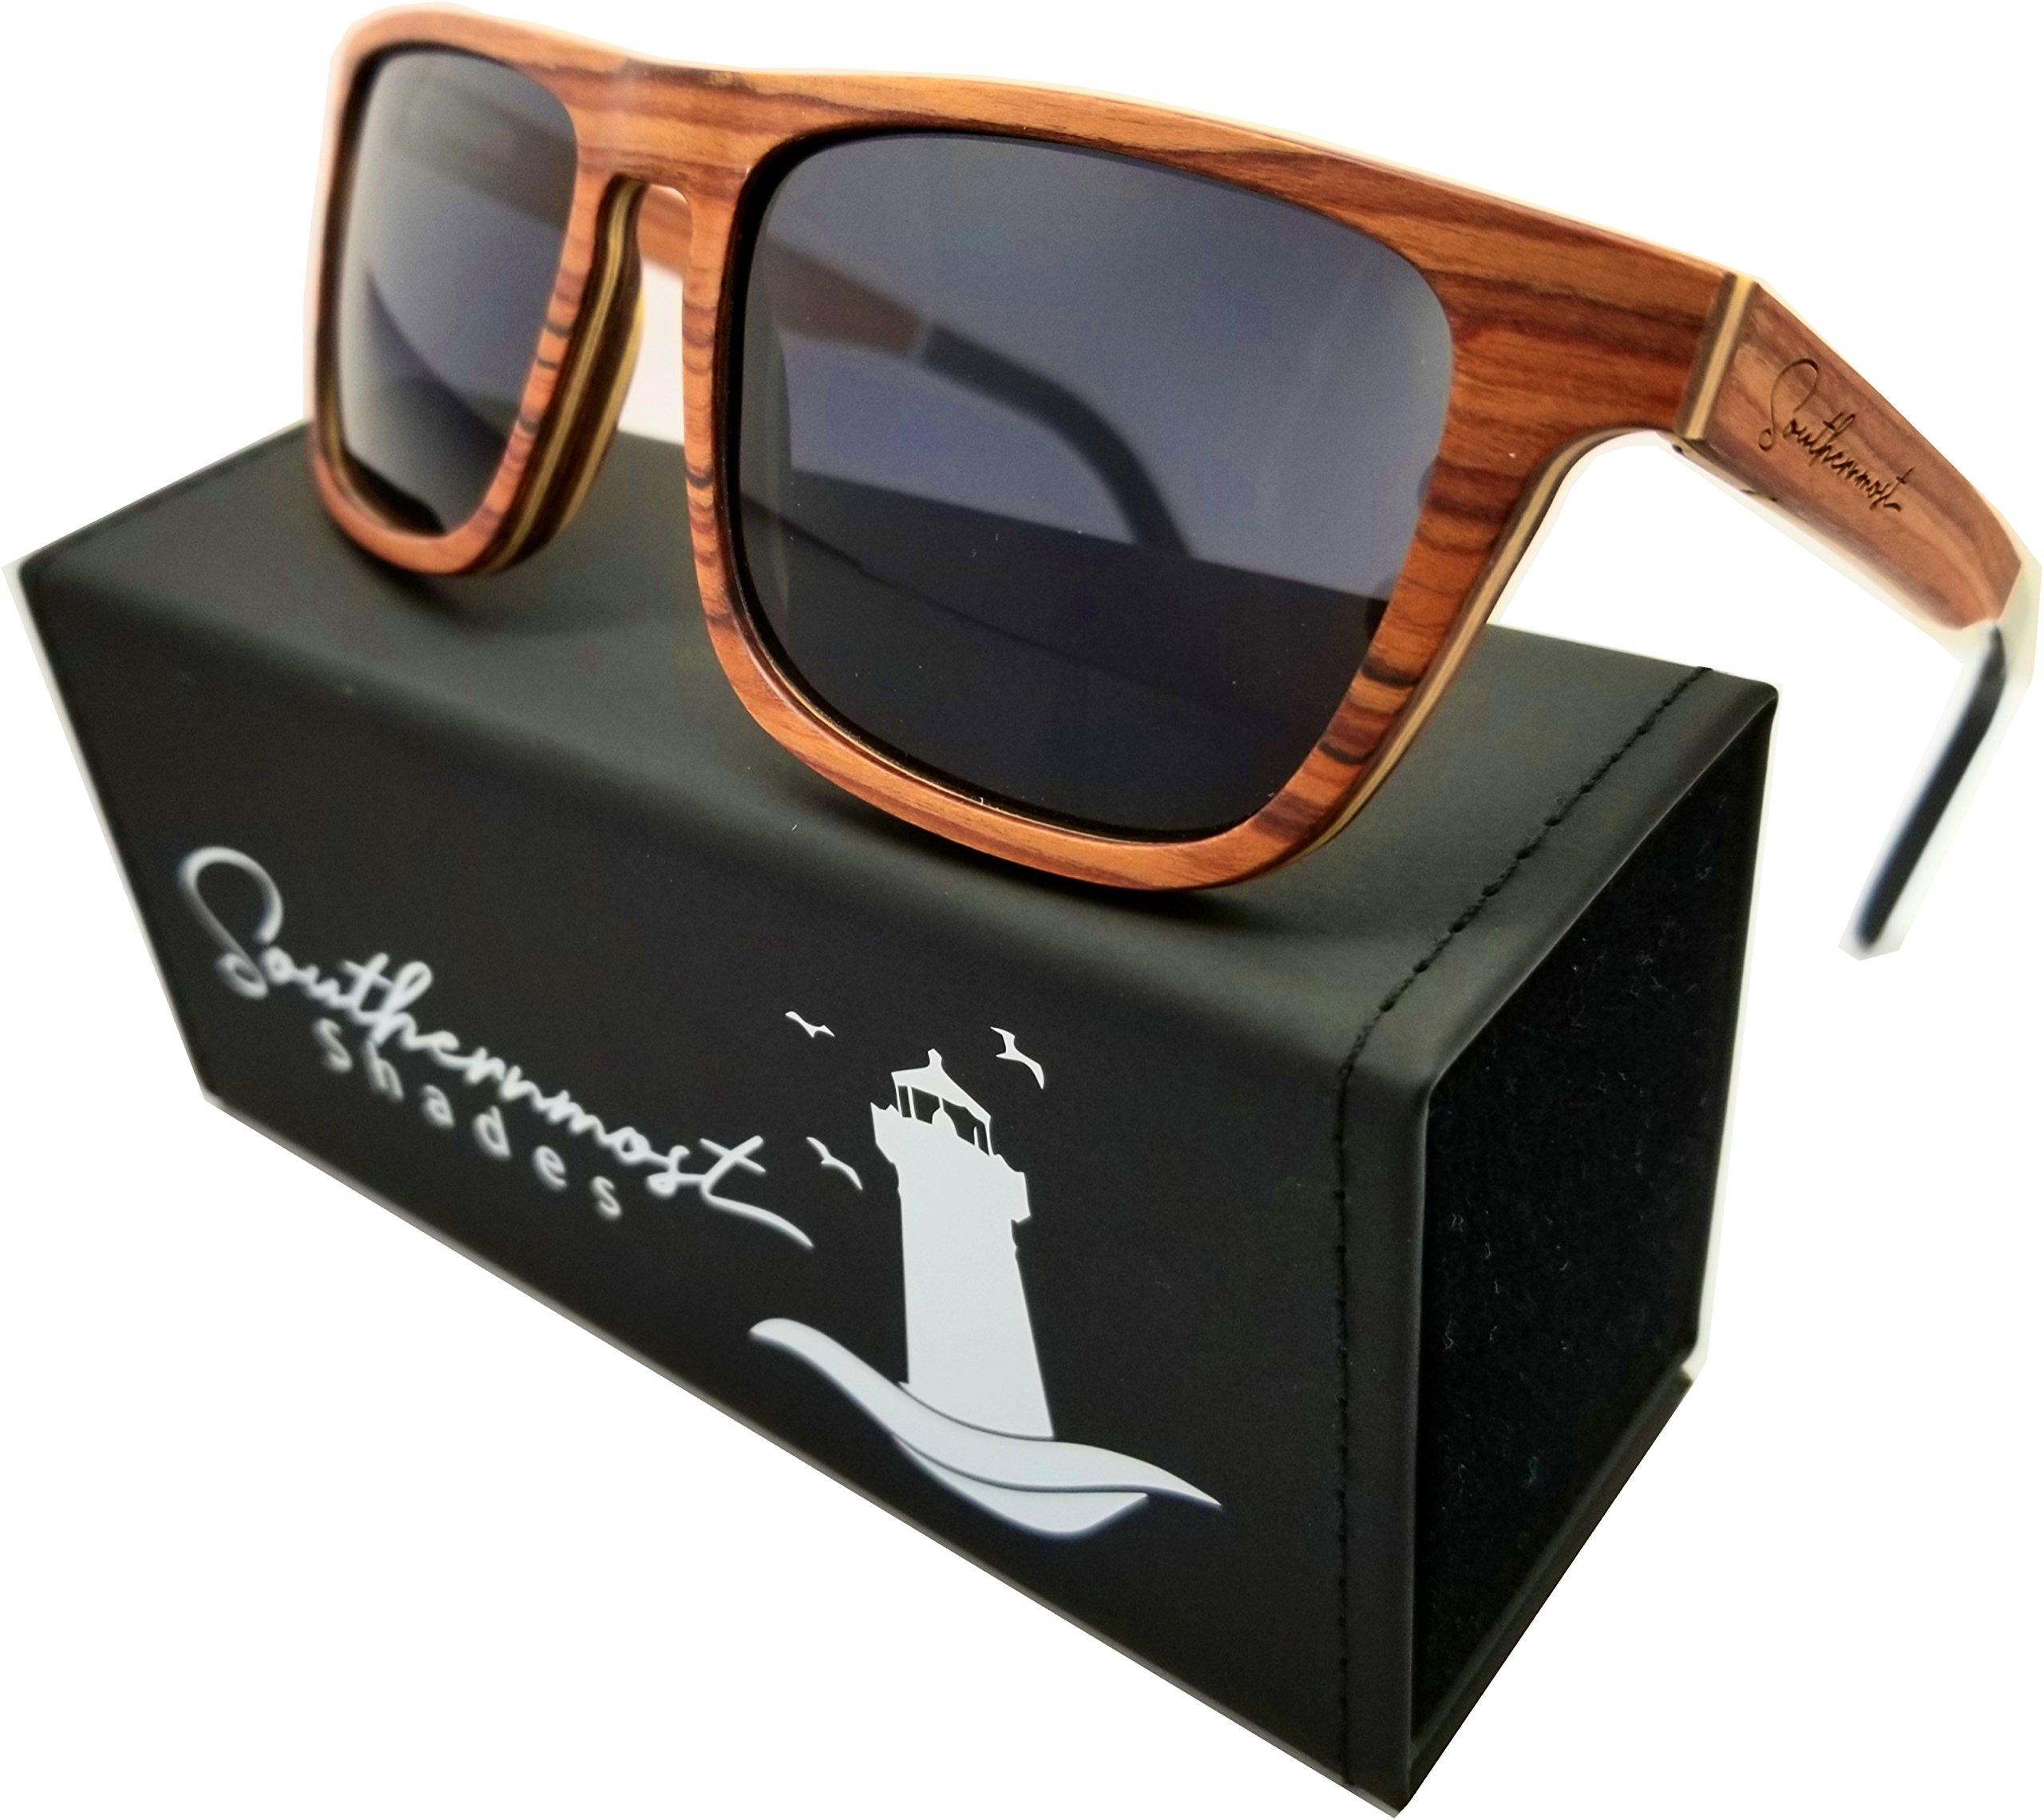 Natural Wood Sunglasses for Men - Wooden Frame - Genuine Polarized Lenses (Rosewood - Dark Lenses)